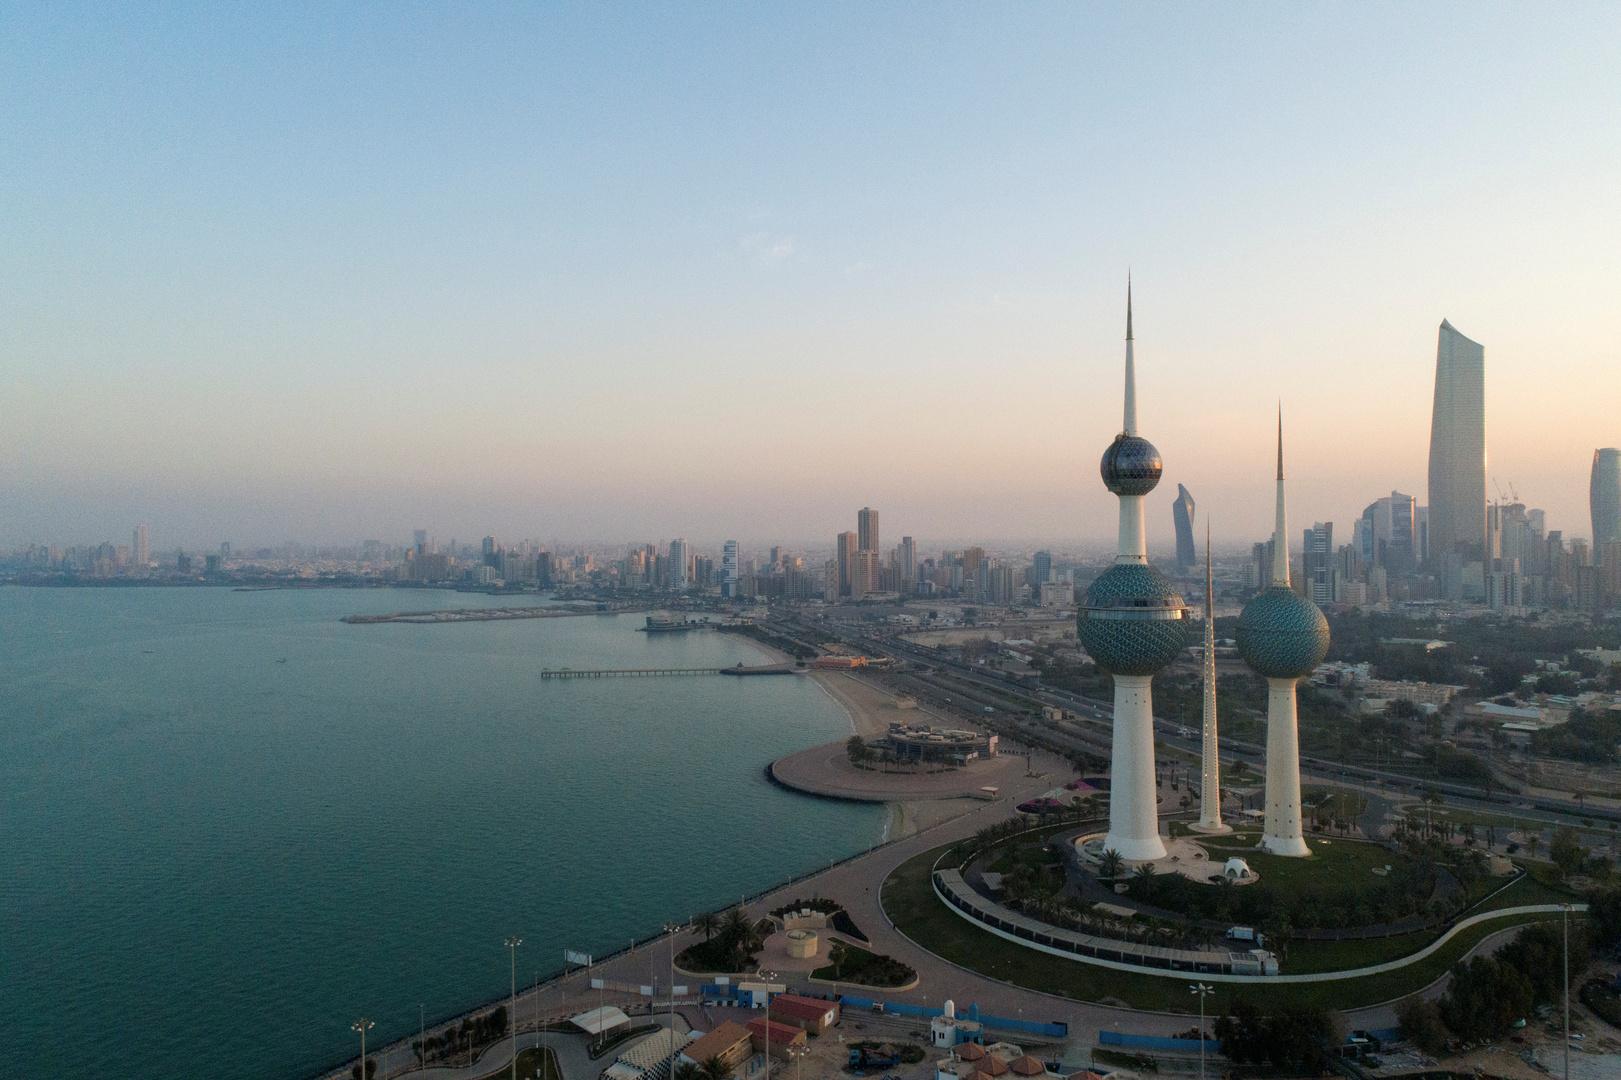 الكويت تعيد السفر لـ12 دولة اعتبارا من 1 يوليو